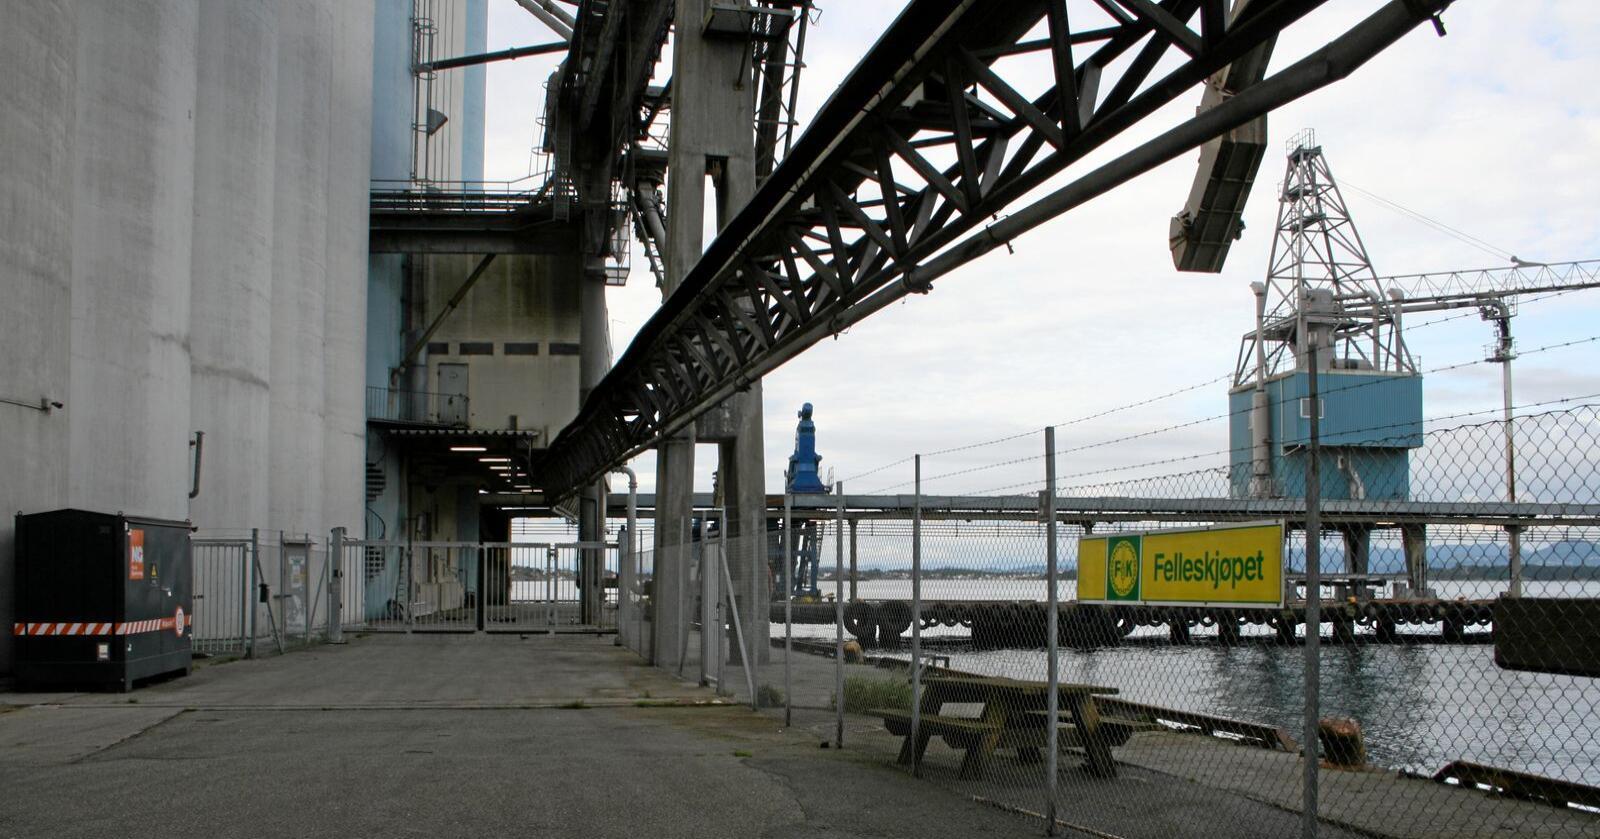 Klimaeffekt: Riving av beredskapslageret Stavanger Havnesilo, som er det største kornlageret i Nord-Europa, vil gi store klimautslepp. Berre produksjon av sementen i slike gigantanlegg gir utslepp som tilsvarar nær 10.000 personbilar, men når anlegget først står der startar ein livslang prosess der betongen tar opp og lagrar CO2. Foto: Bjarne Bekkeheien Aase